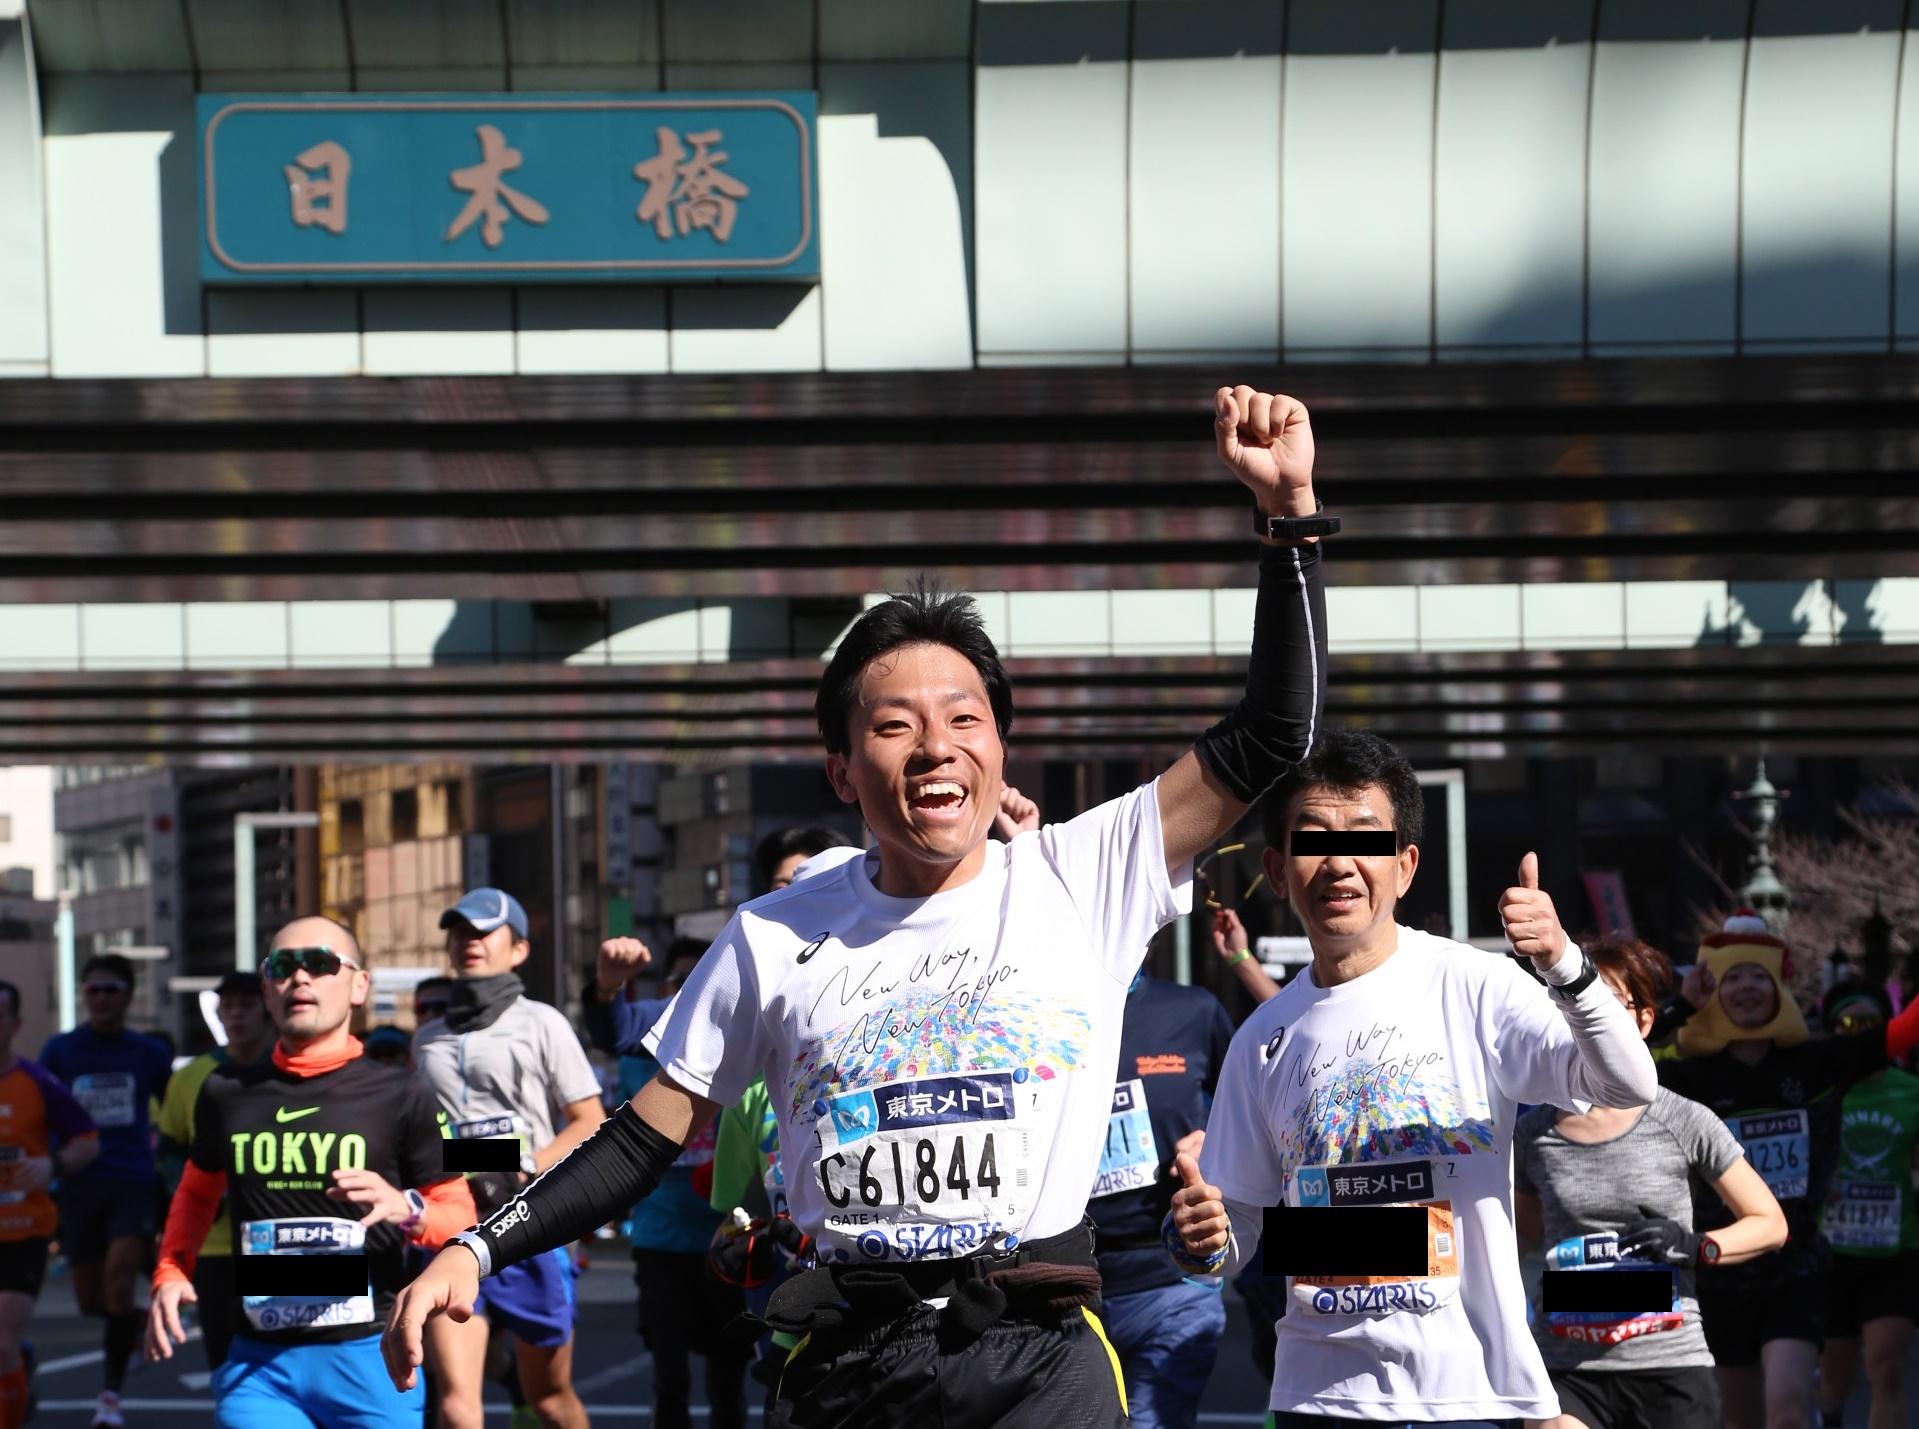 サブ3.5を3か月の練習で達成! 東京マラソン2017当日までのトレーニング、全部公開&振り返り【東京マラソン振り返り】